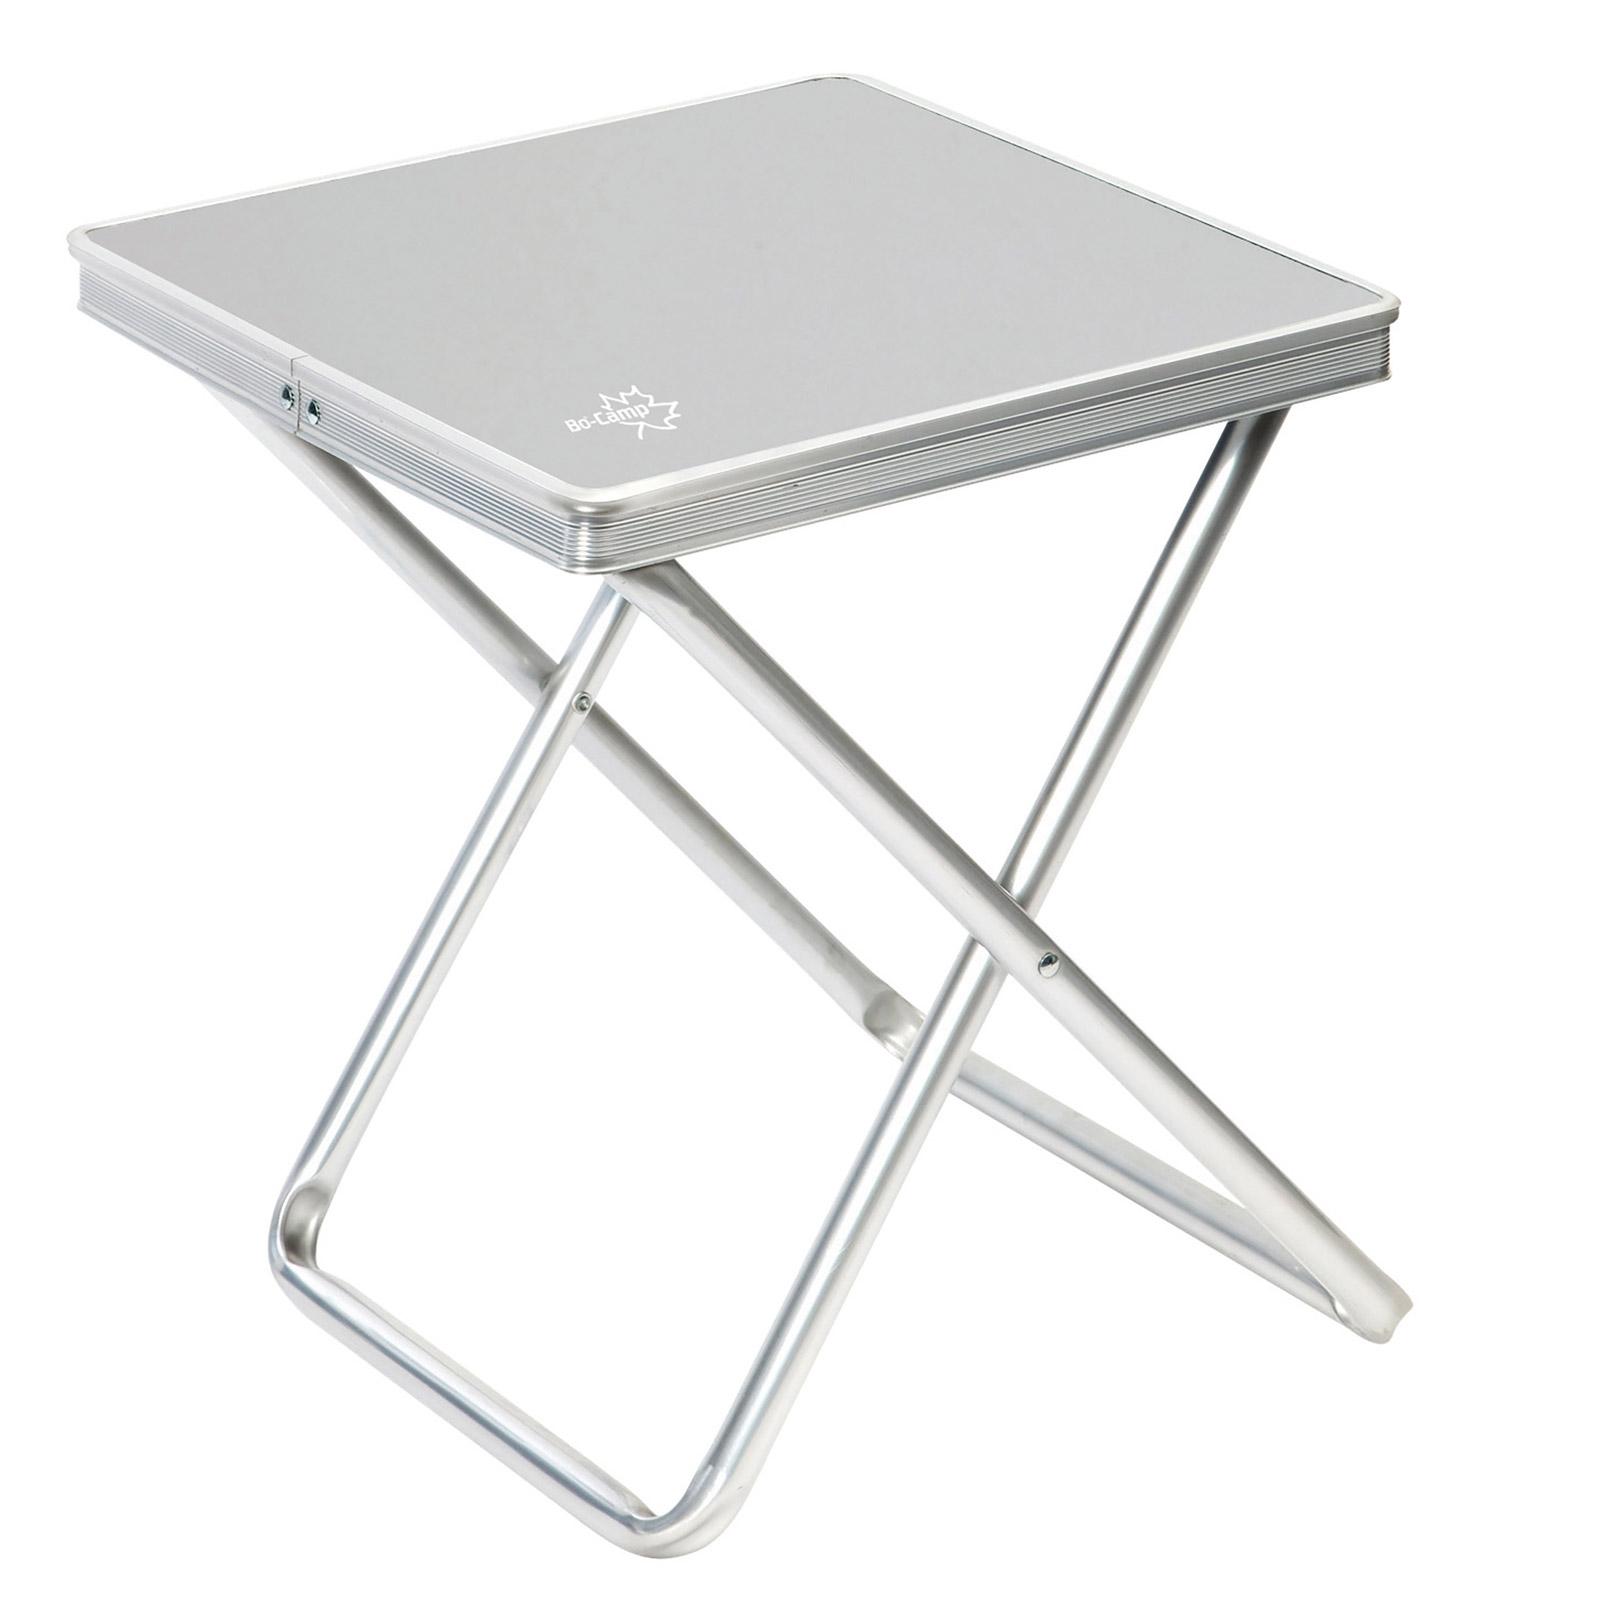 Alu Campingstuhl, klappbar, leicht, 100 Kg belastbar, bequem inkl Tischplatte